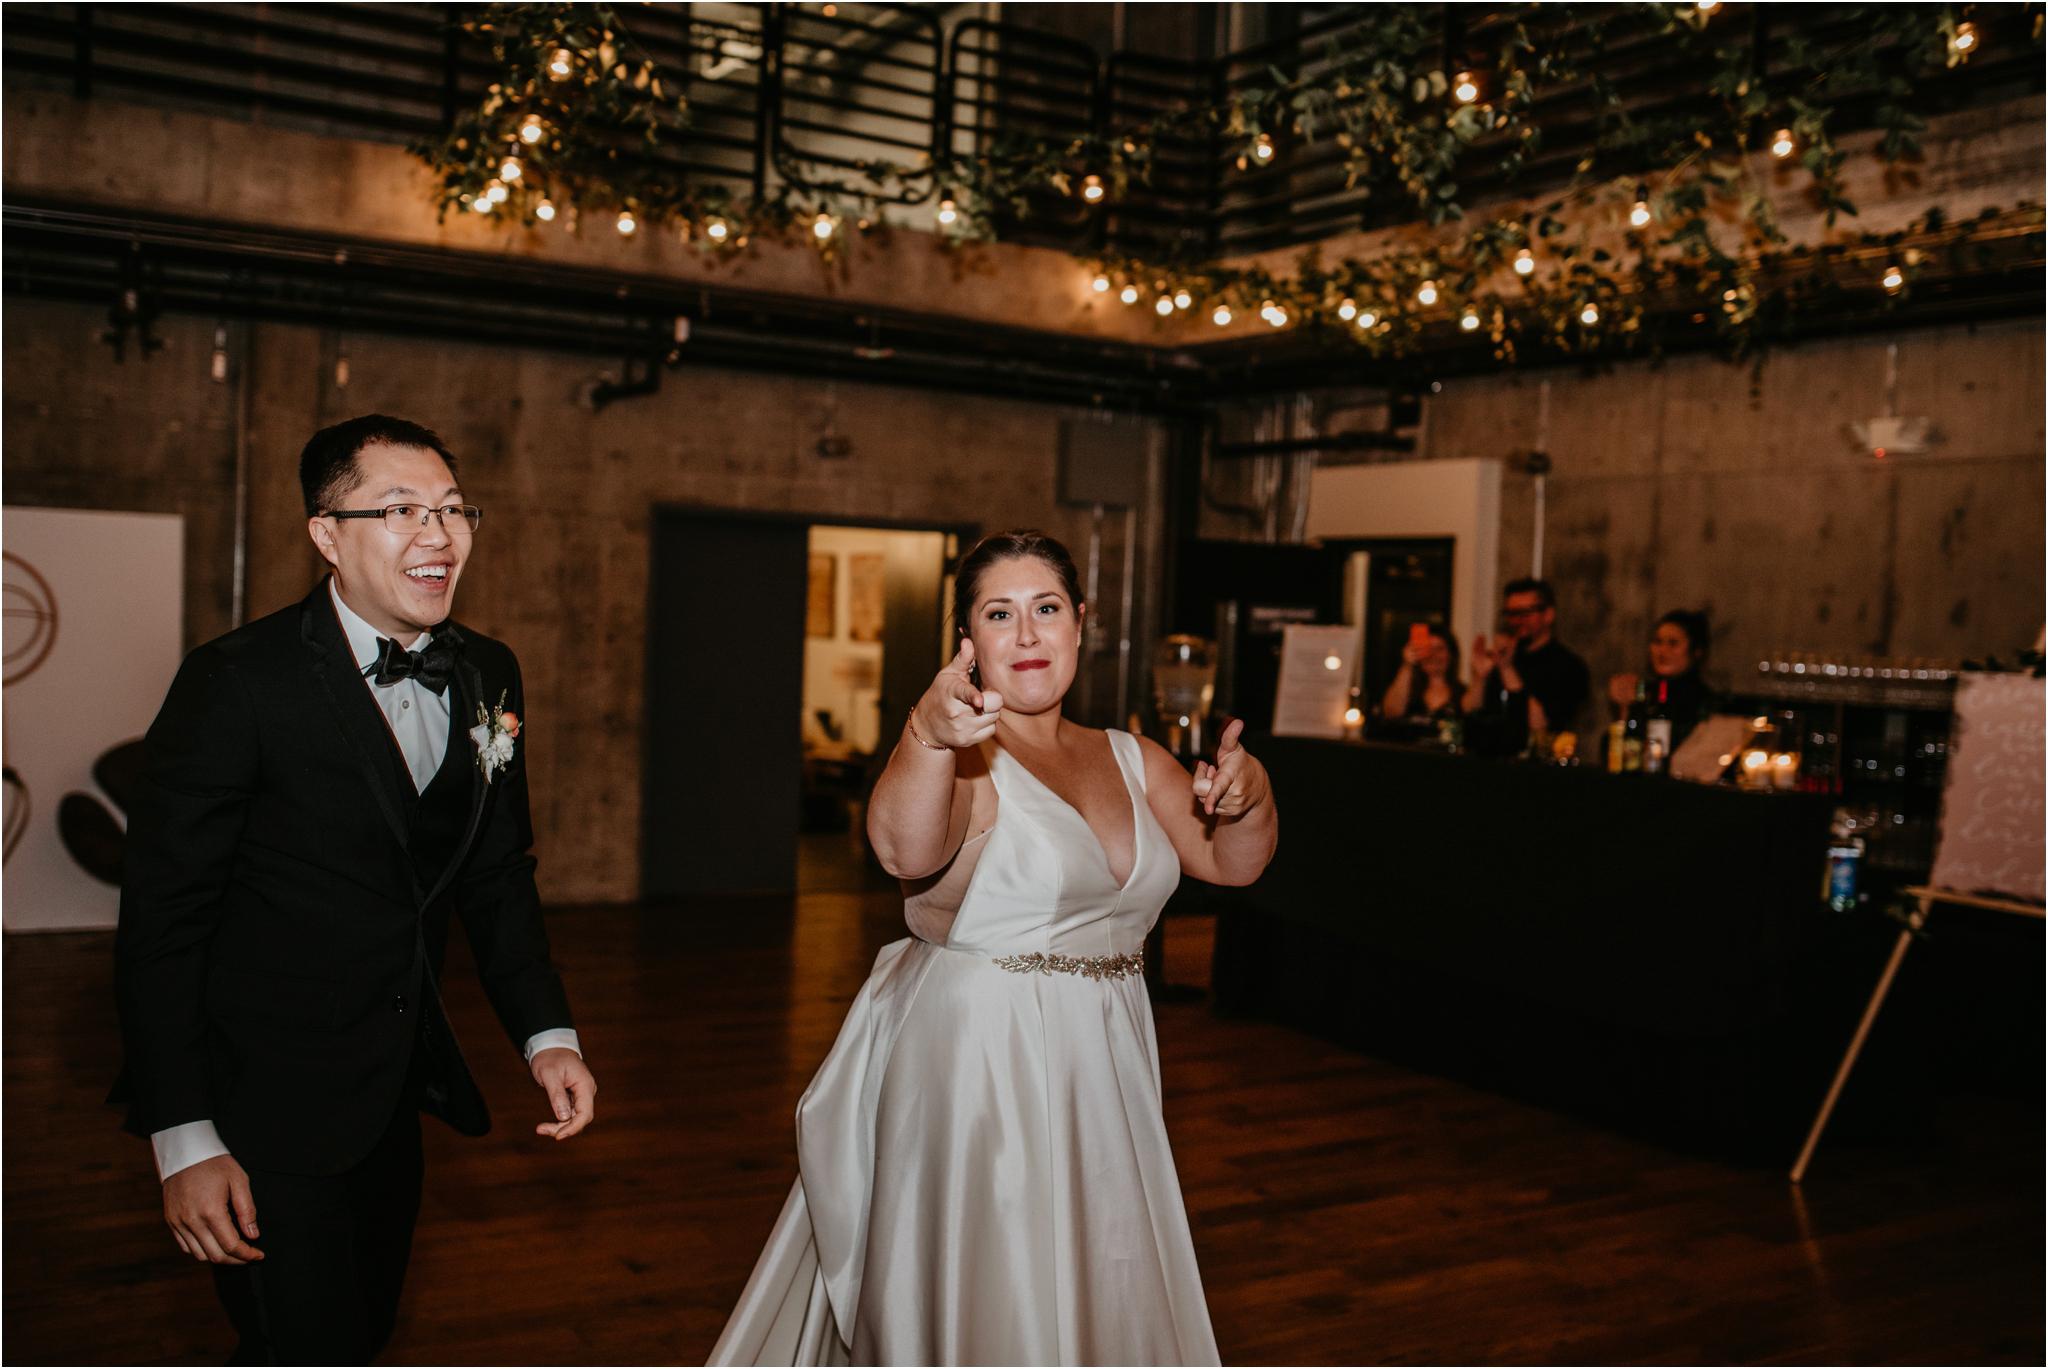 ashley-and-david-fremont-foundry-seattle-washington-wedding-photographer-115.jpg